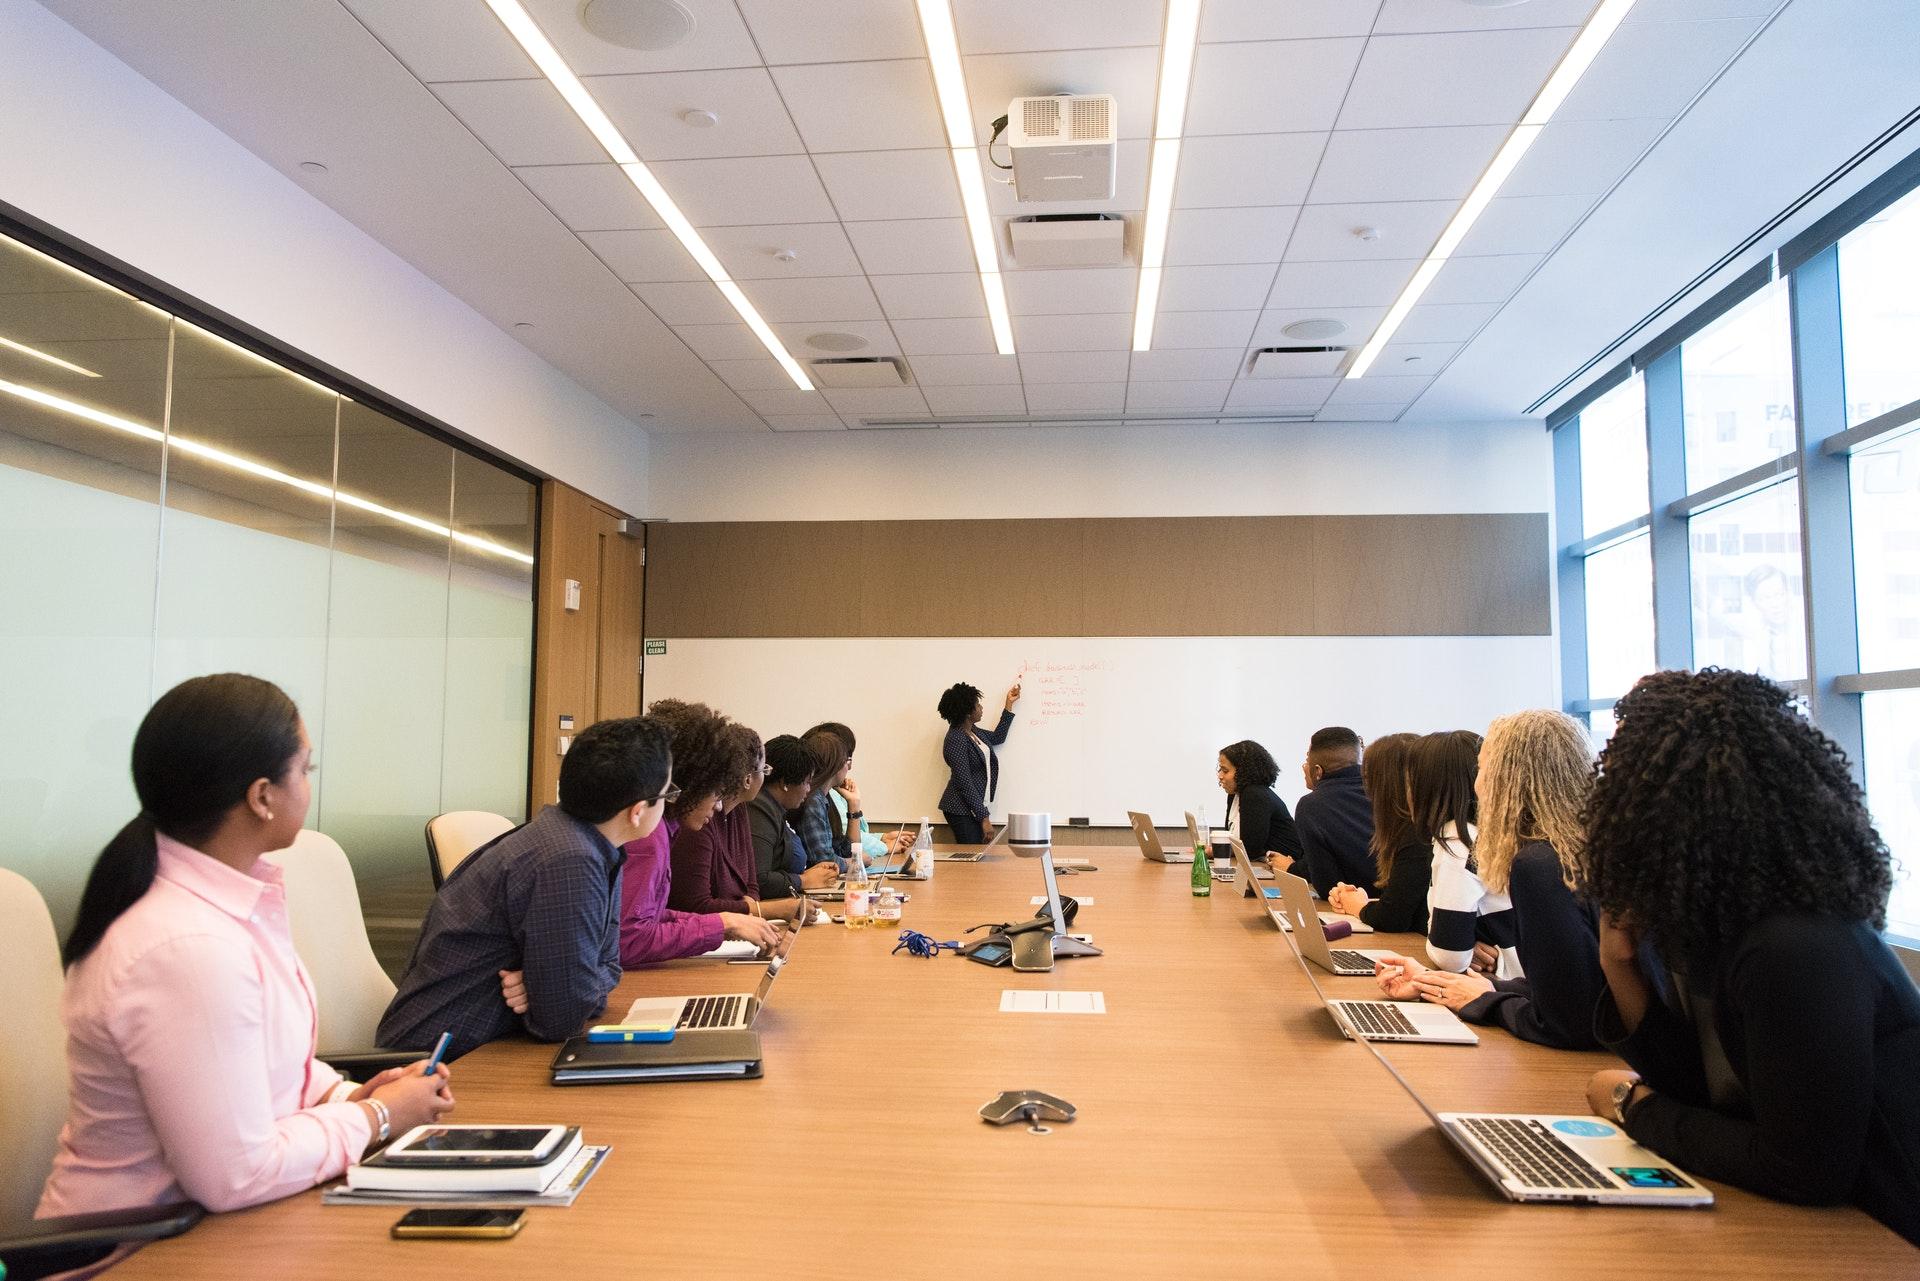 Vemos uma pessoa fazendo uma explanação para outras em uma sala de reuniões (imagem ilustrativa). Texto: análise de franqueabilidade.